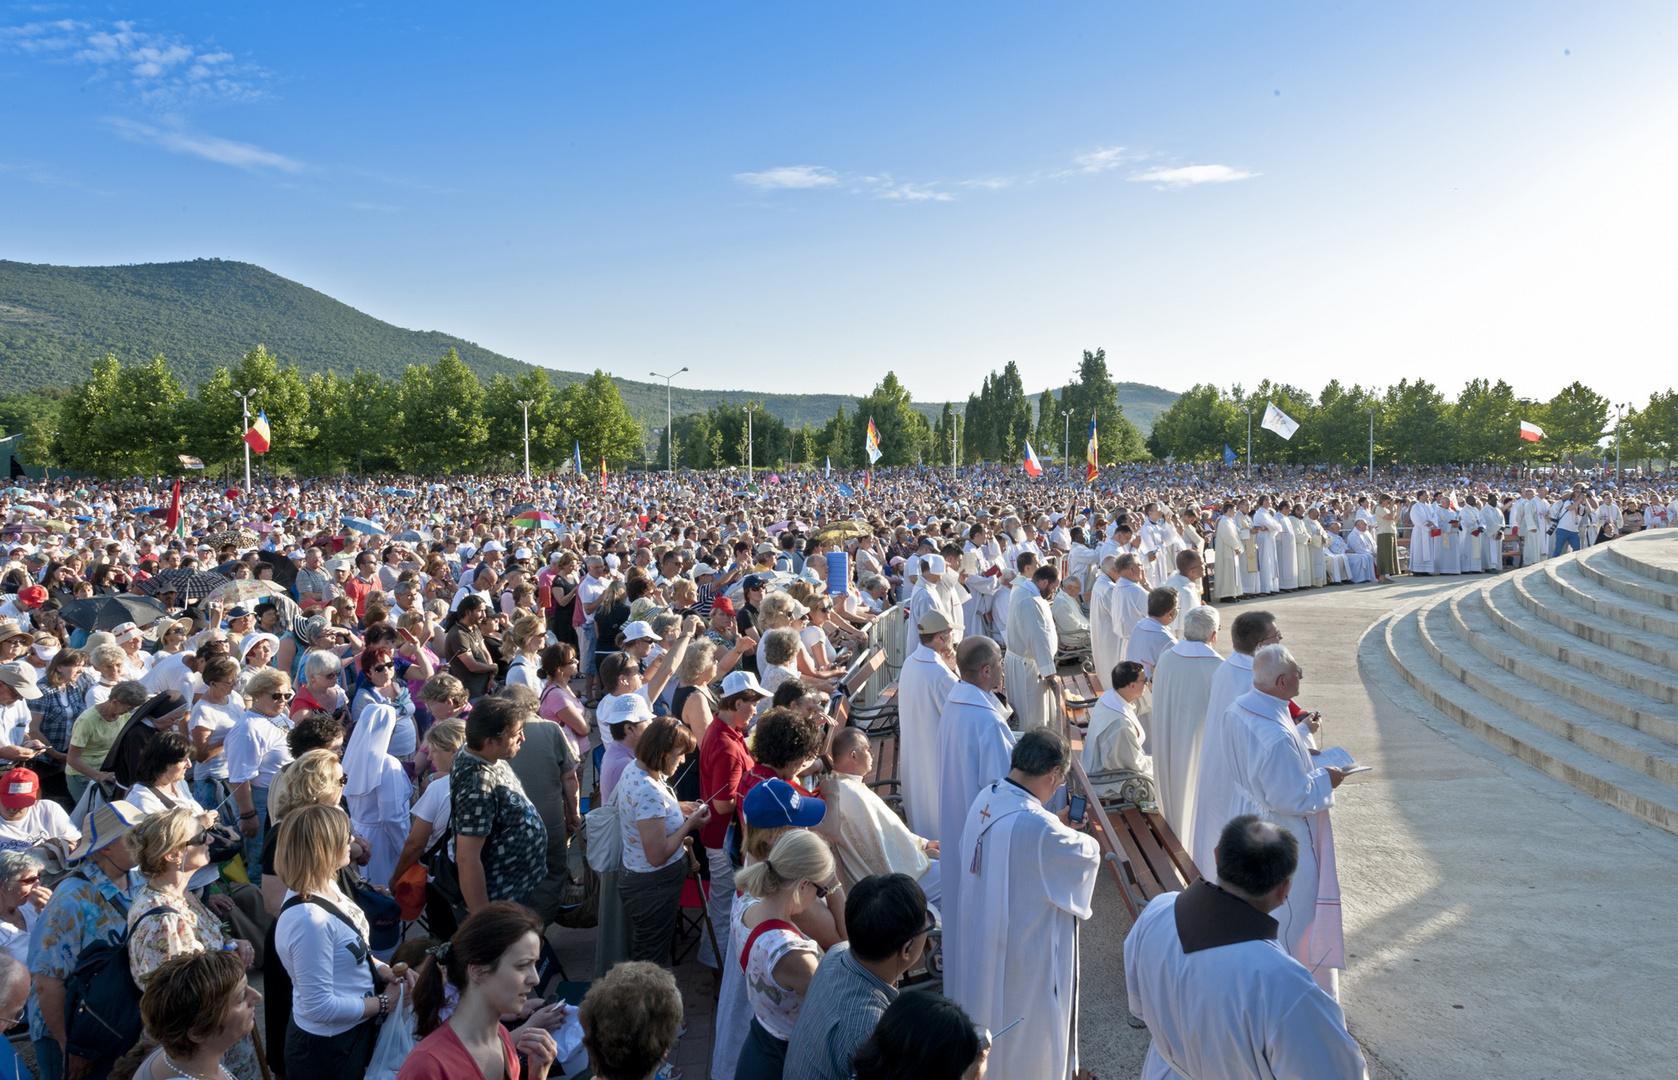 über 100.000 Pilger aus allen Erdteilen